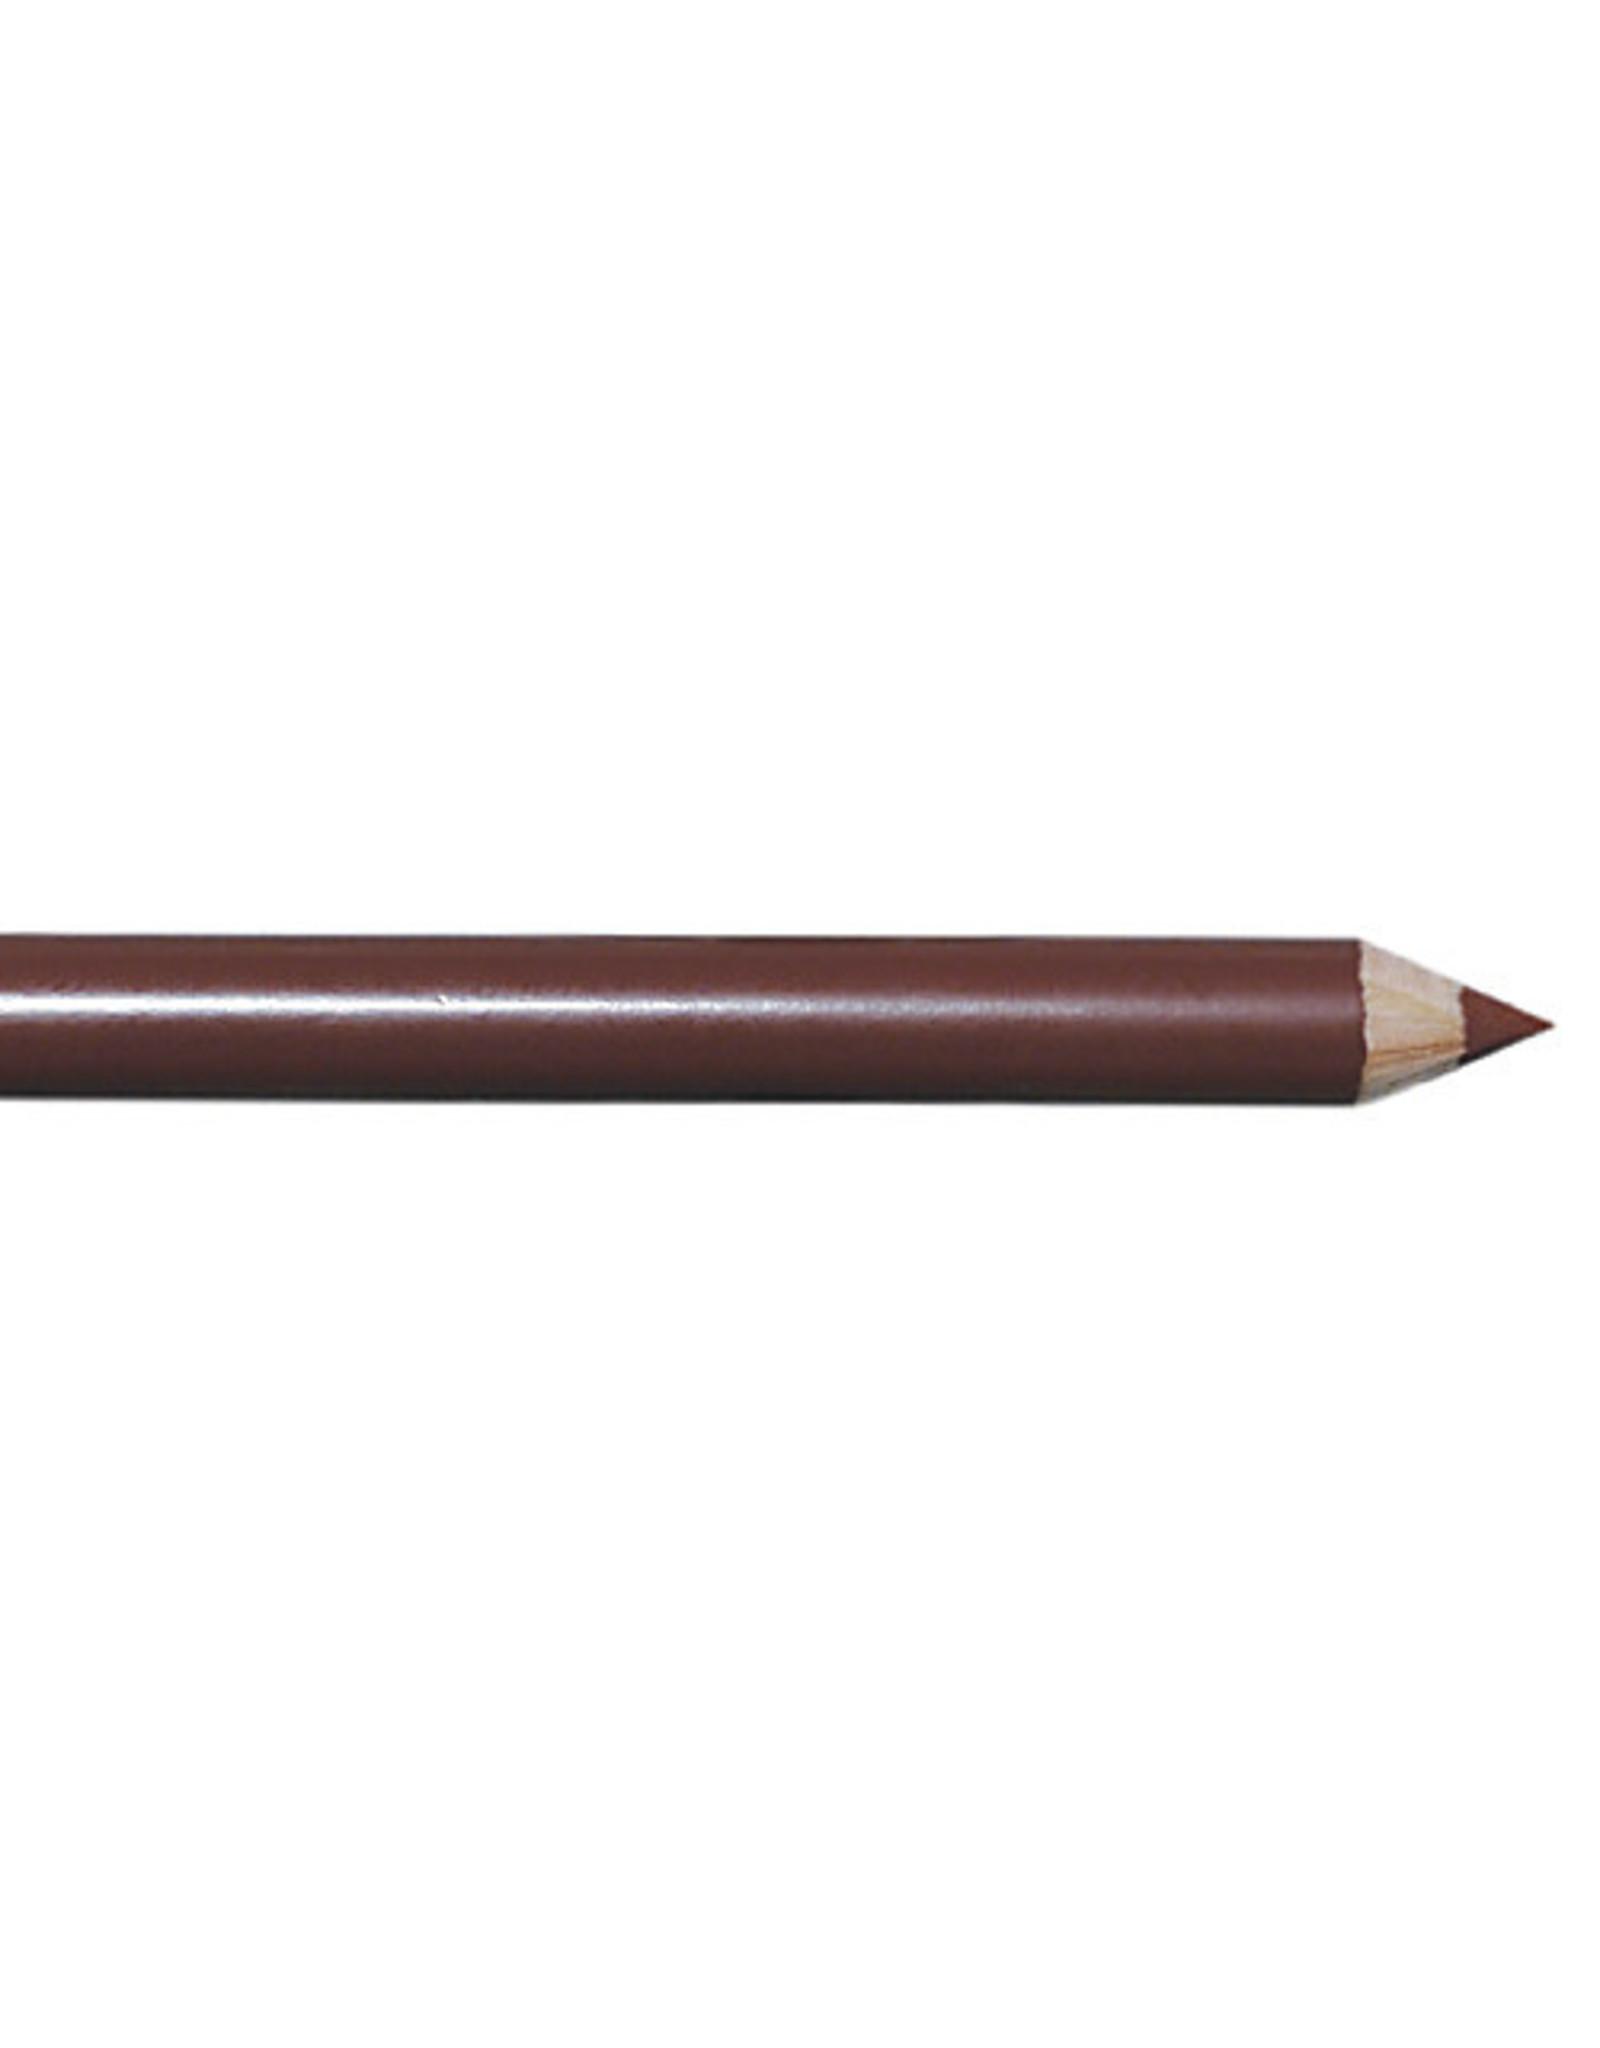 Grimas MAKE-UP PENCIL 527 Roodbruin 11 cm